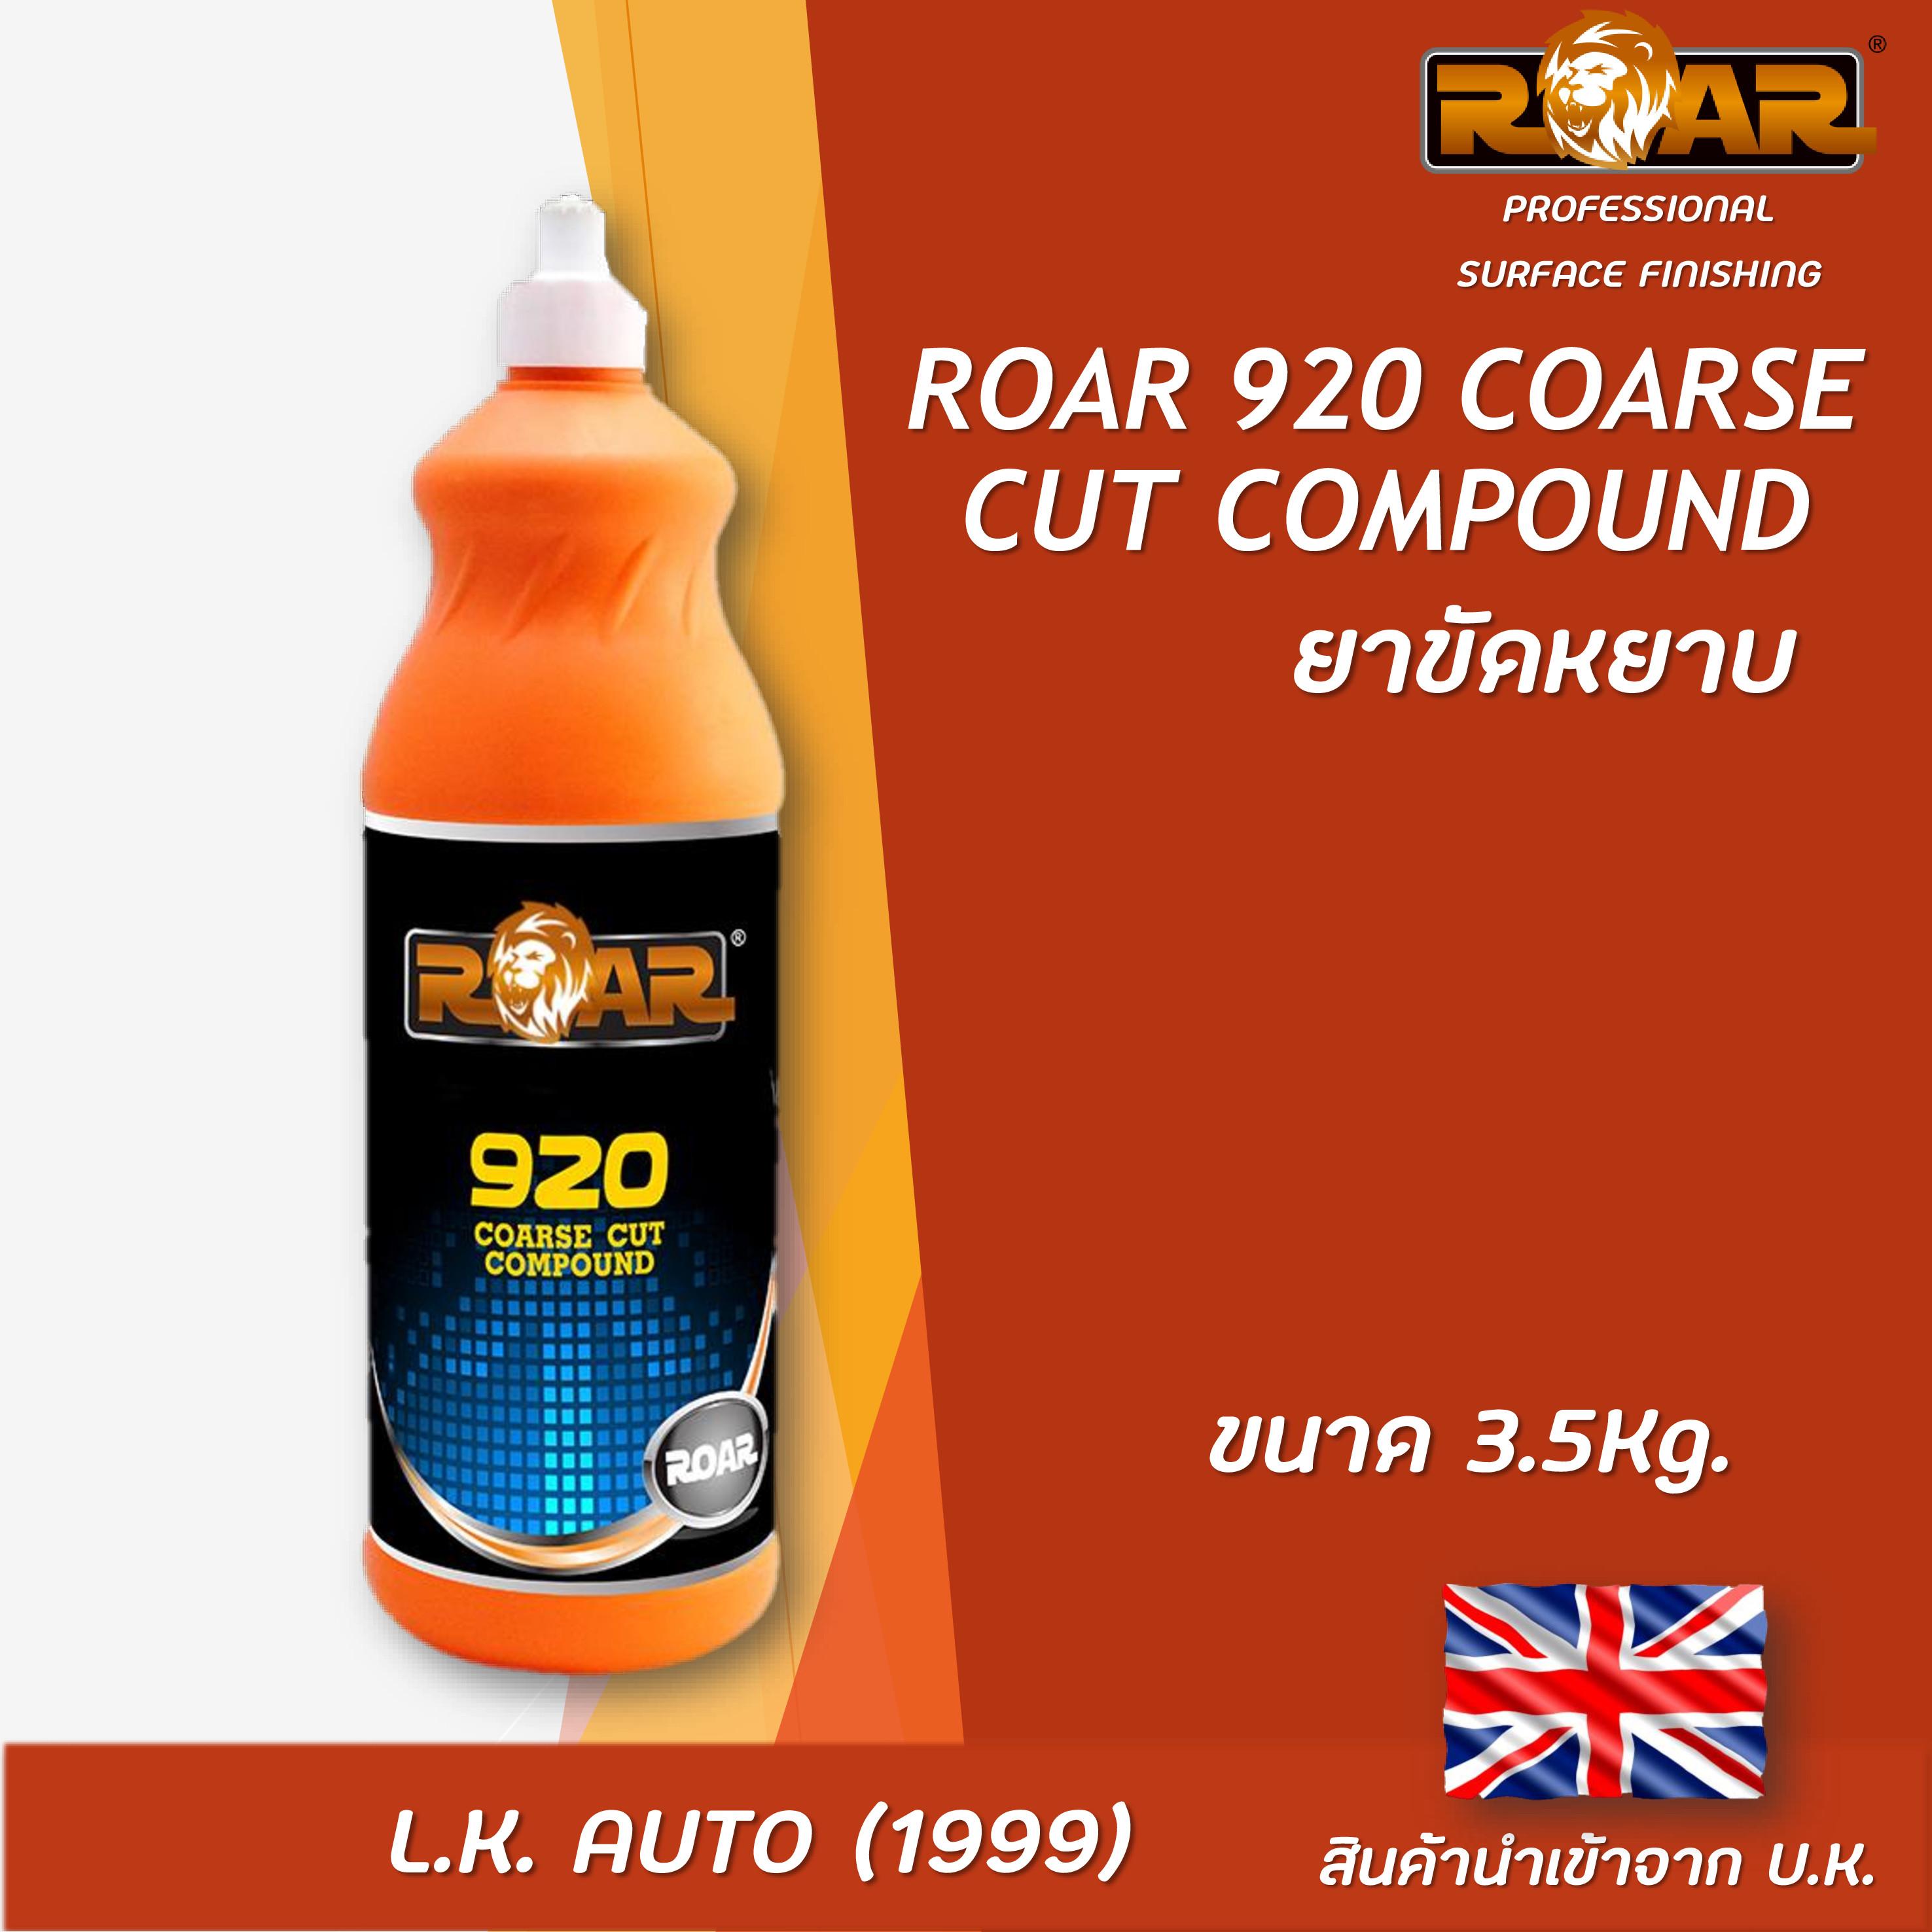 ROAR 920 COARSE CUT COMPOUND